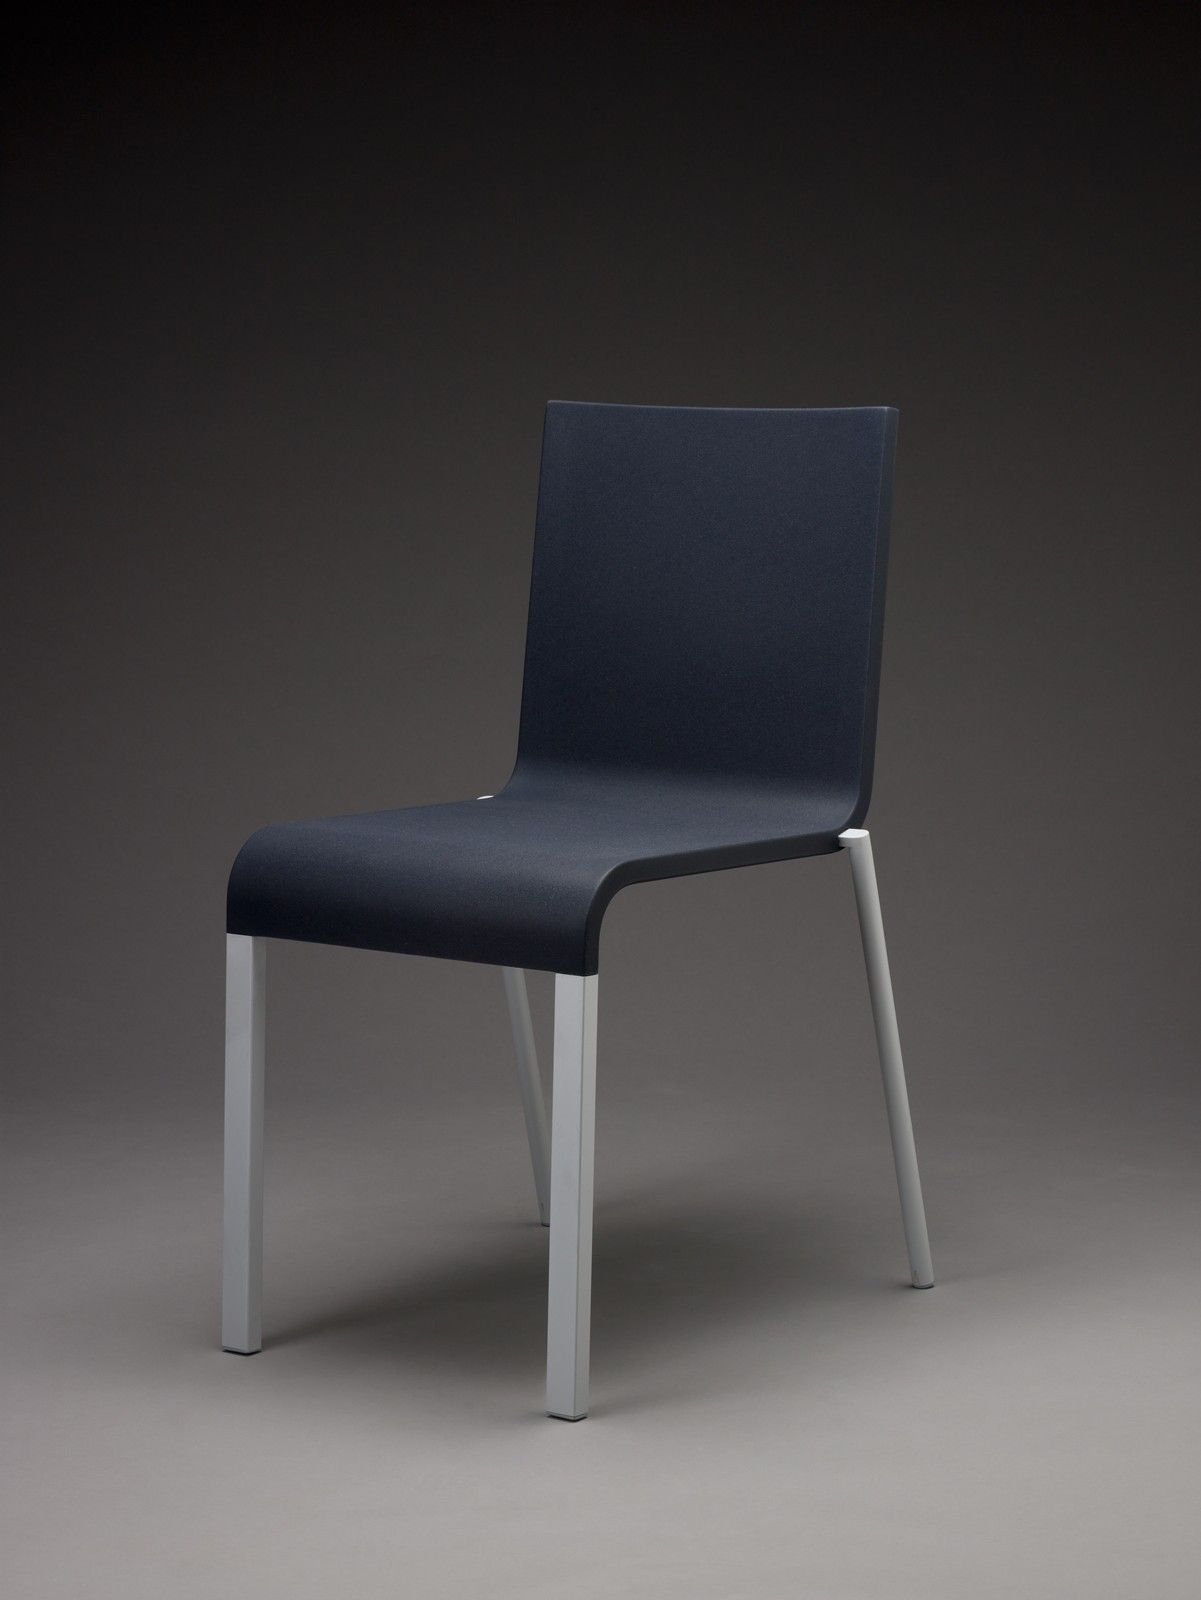 No 3 chair red maarten van severen 1998 maarten for Chair 03 maarten van severen